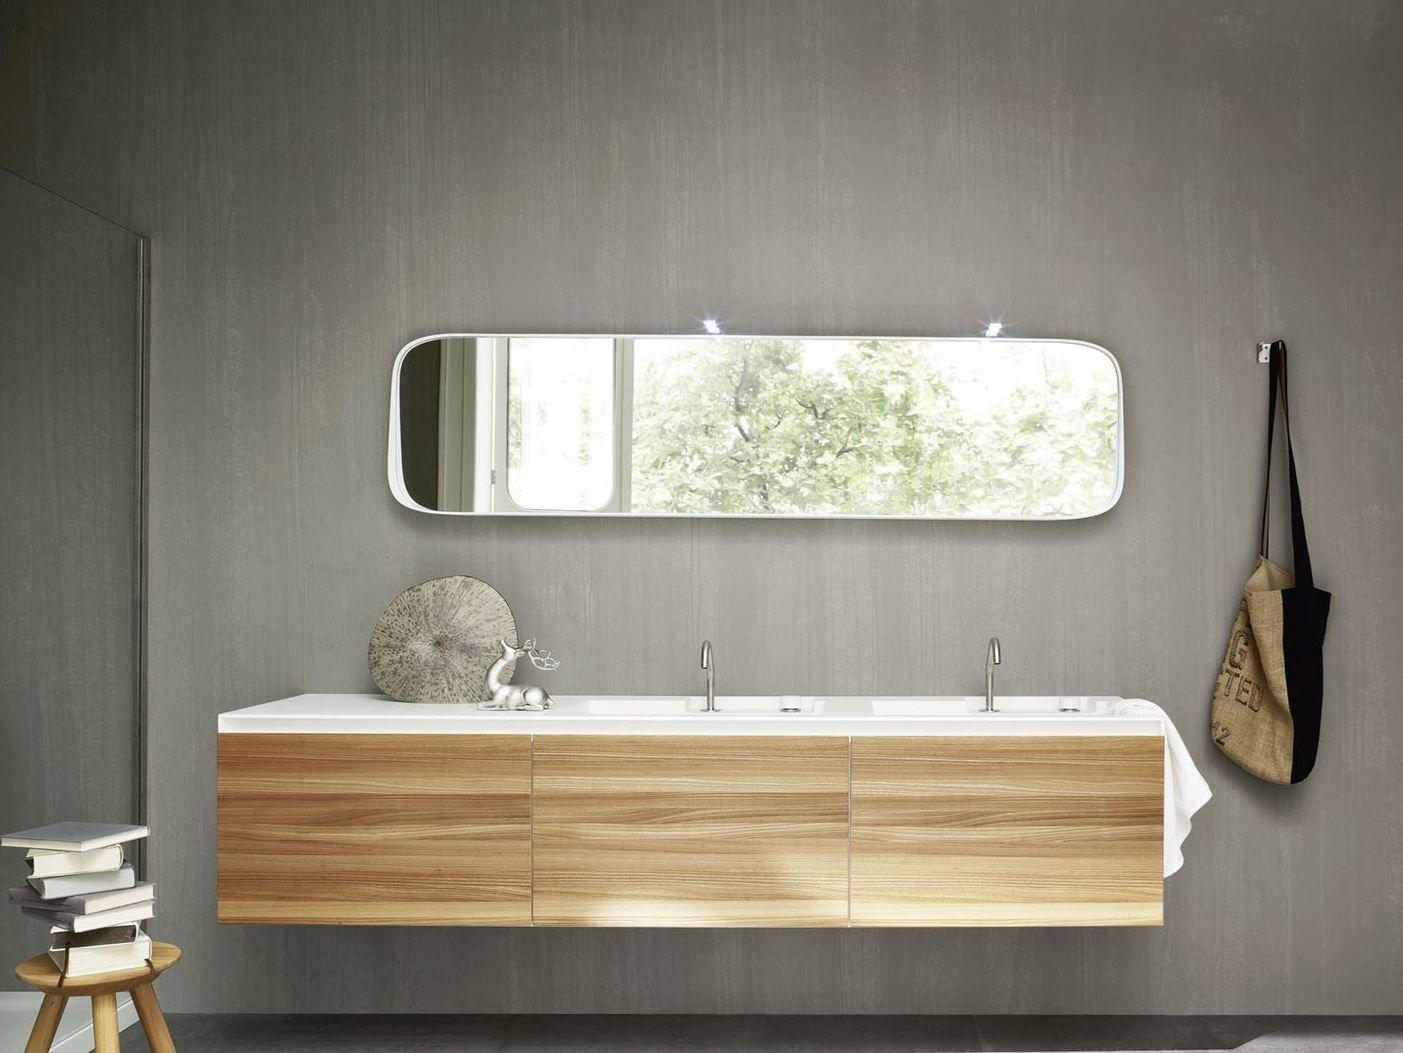 Specchio bagno fonte specchio bagno rexa design - Specchio bagno design ...